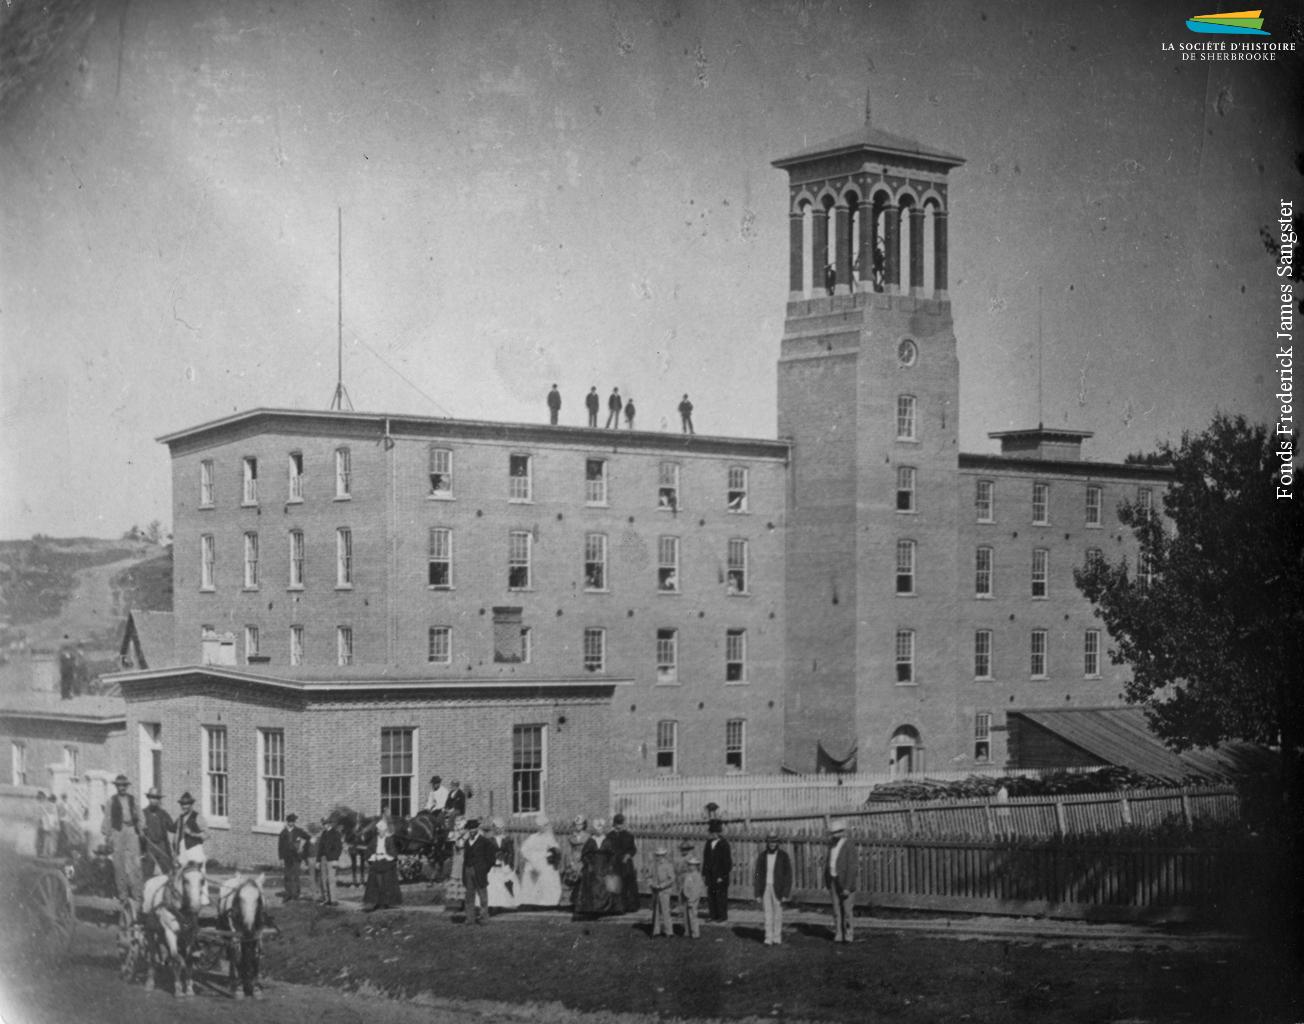 Photographie prise le jour de l'inauguration de l'usine de textiles Paton, en juillet 1867. Plusieurs bâtiments s'ajoutent au complexe au cours des années suivantes et, en 1892, la Paton devient la plus grande usine de lainages au Canada.